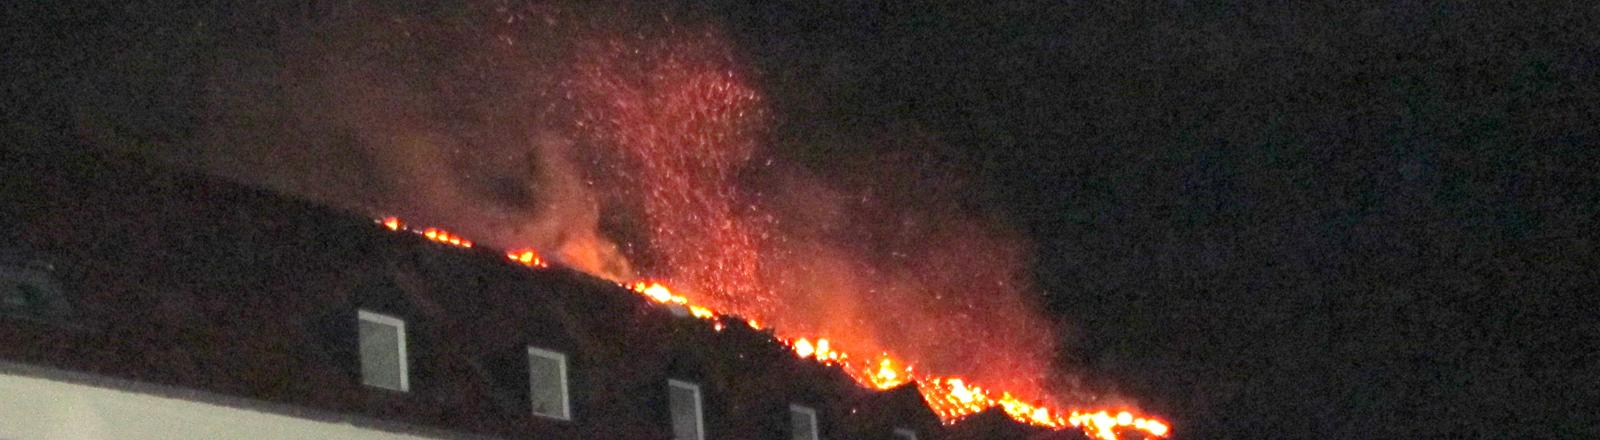 Brennendes Dach der Flüchtlingsunterkunft in Tröglitz.